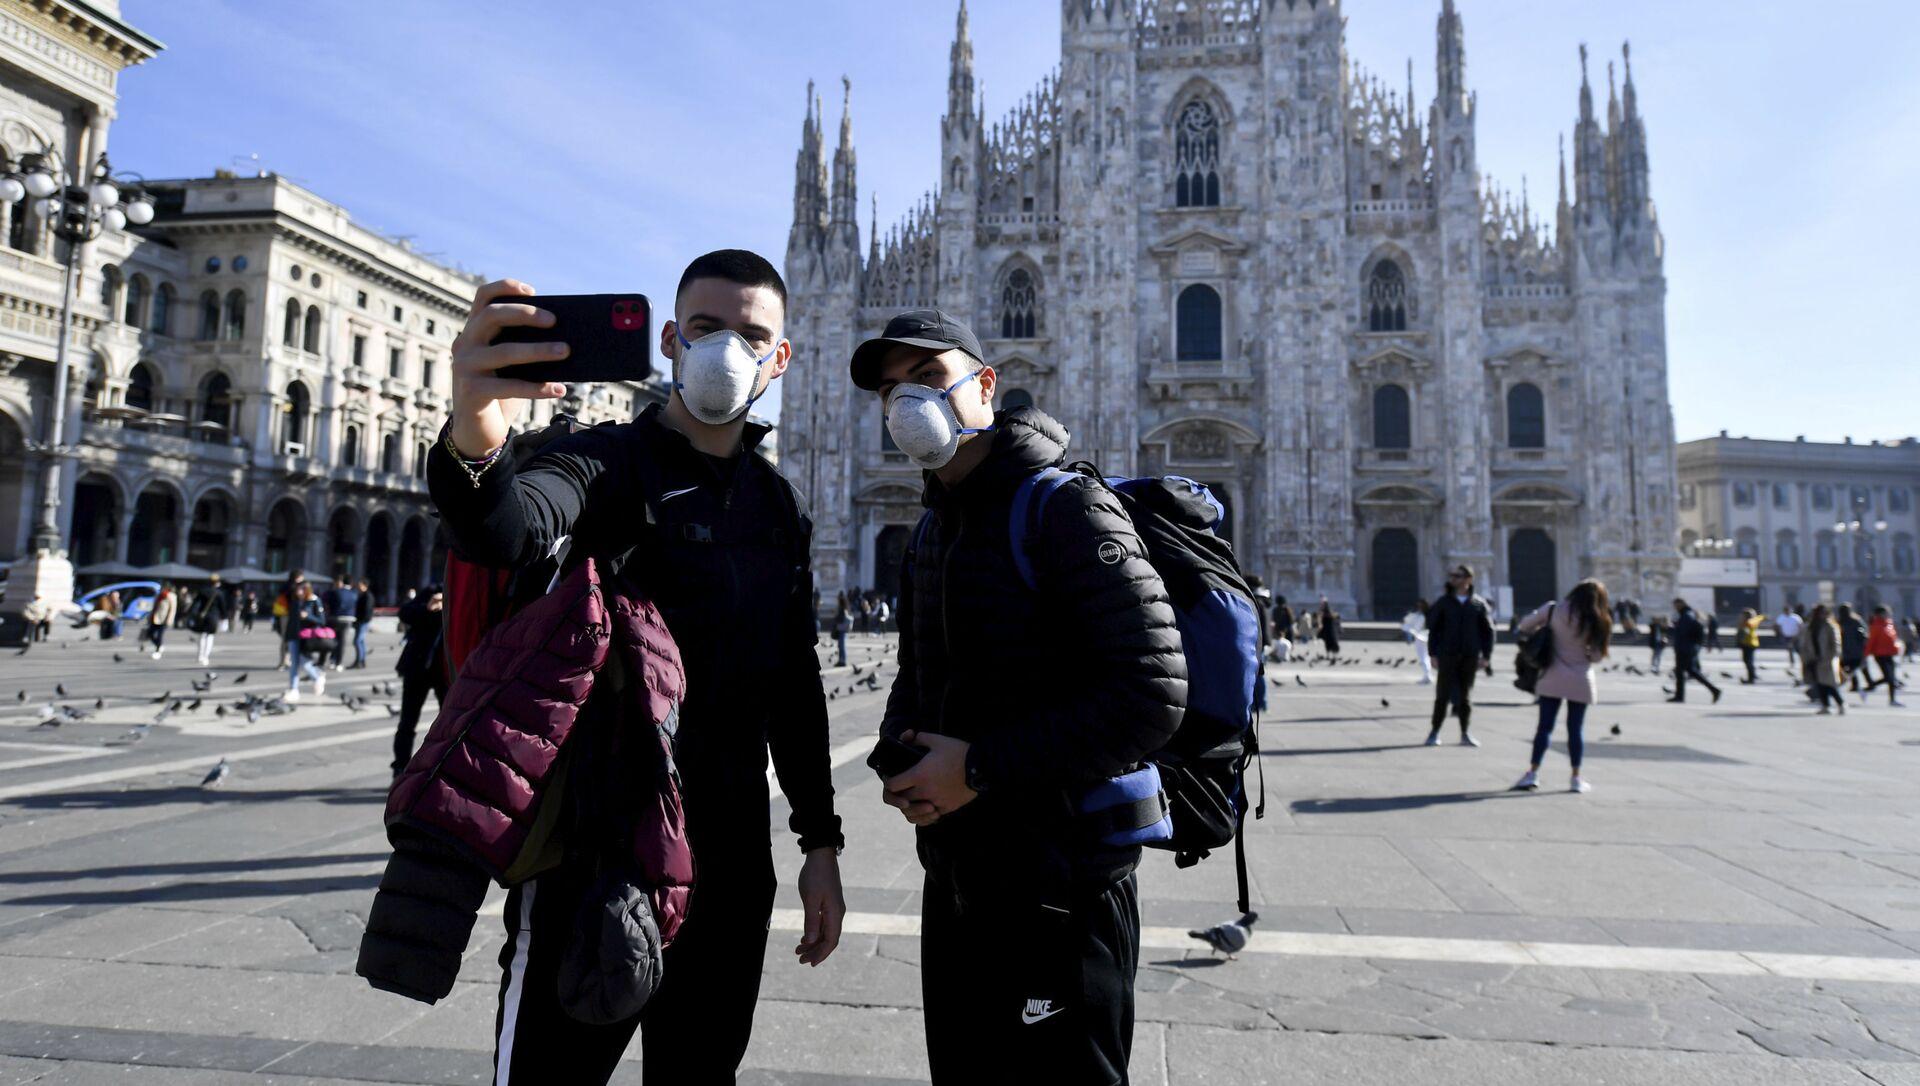 Turisti ispred katedrale Duomo u Milanu - Sputnik Srbija, 1920, 23.02.2021